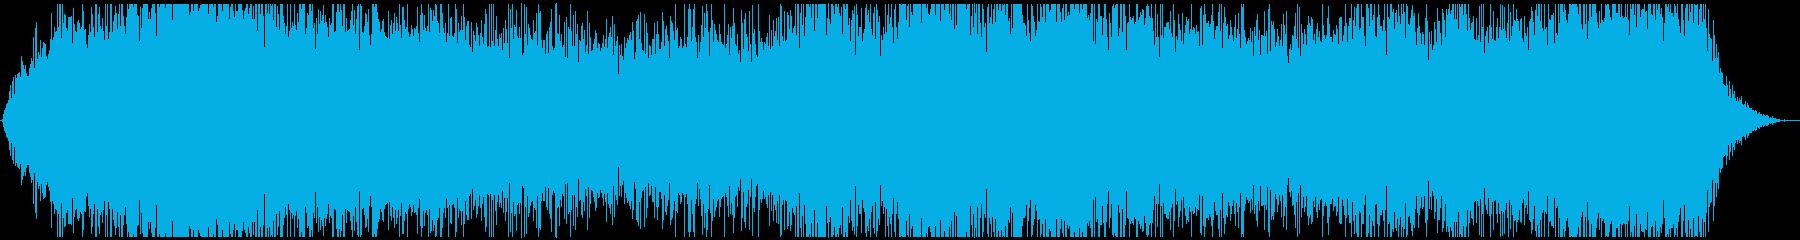 ドローン バブリング02の再生済みの波形